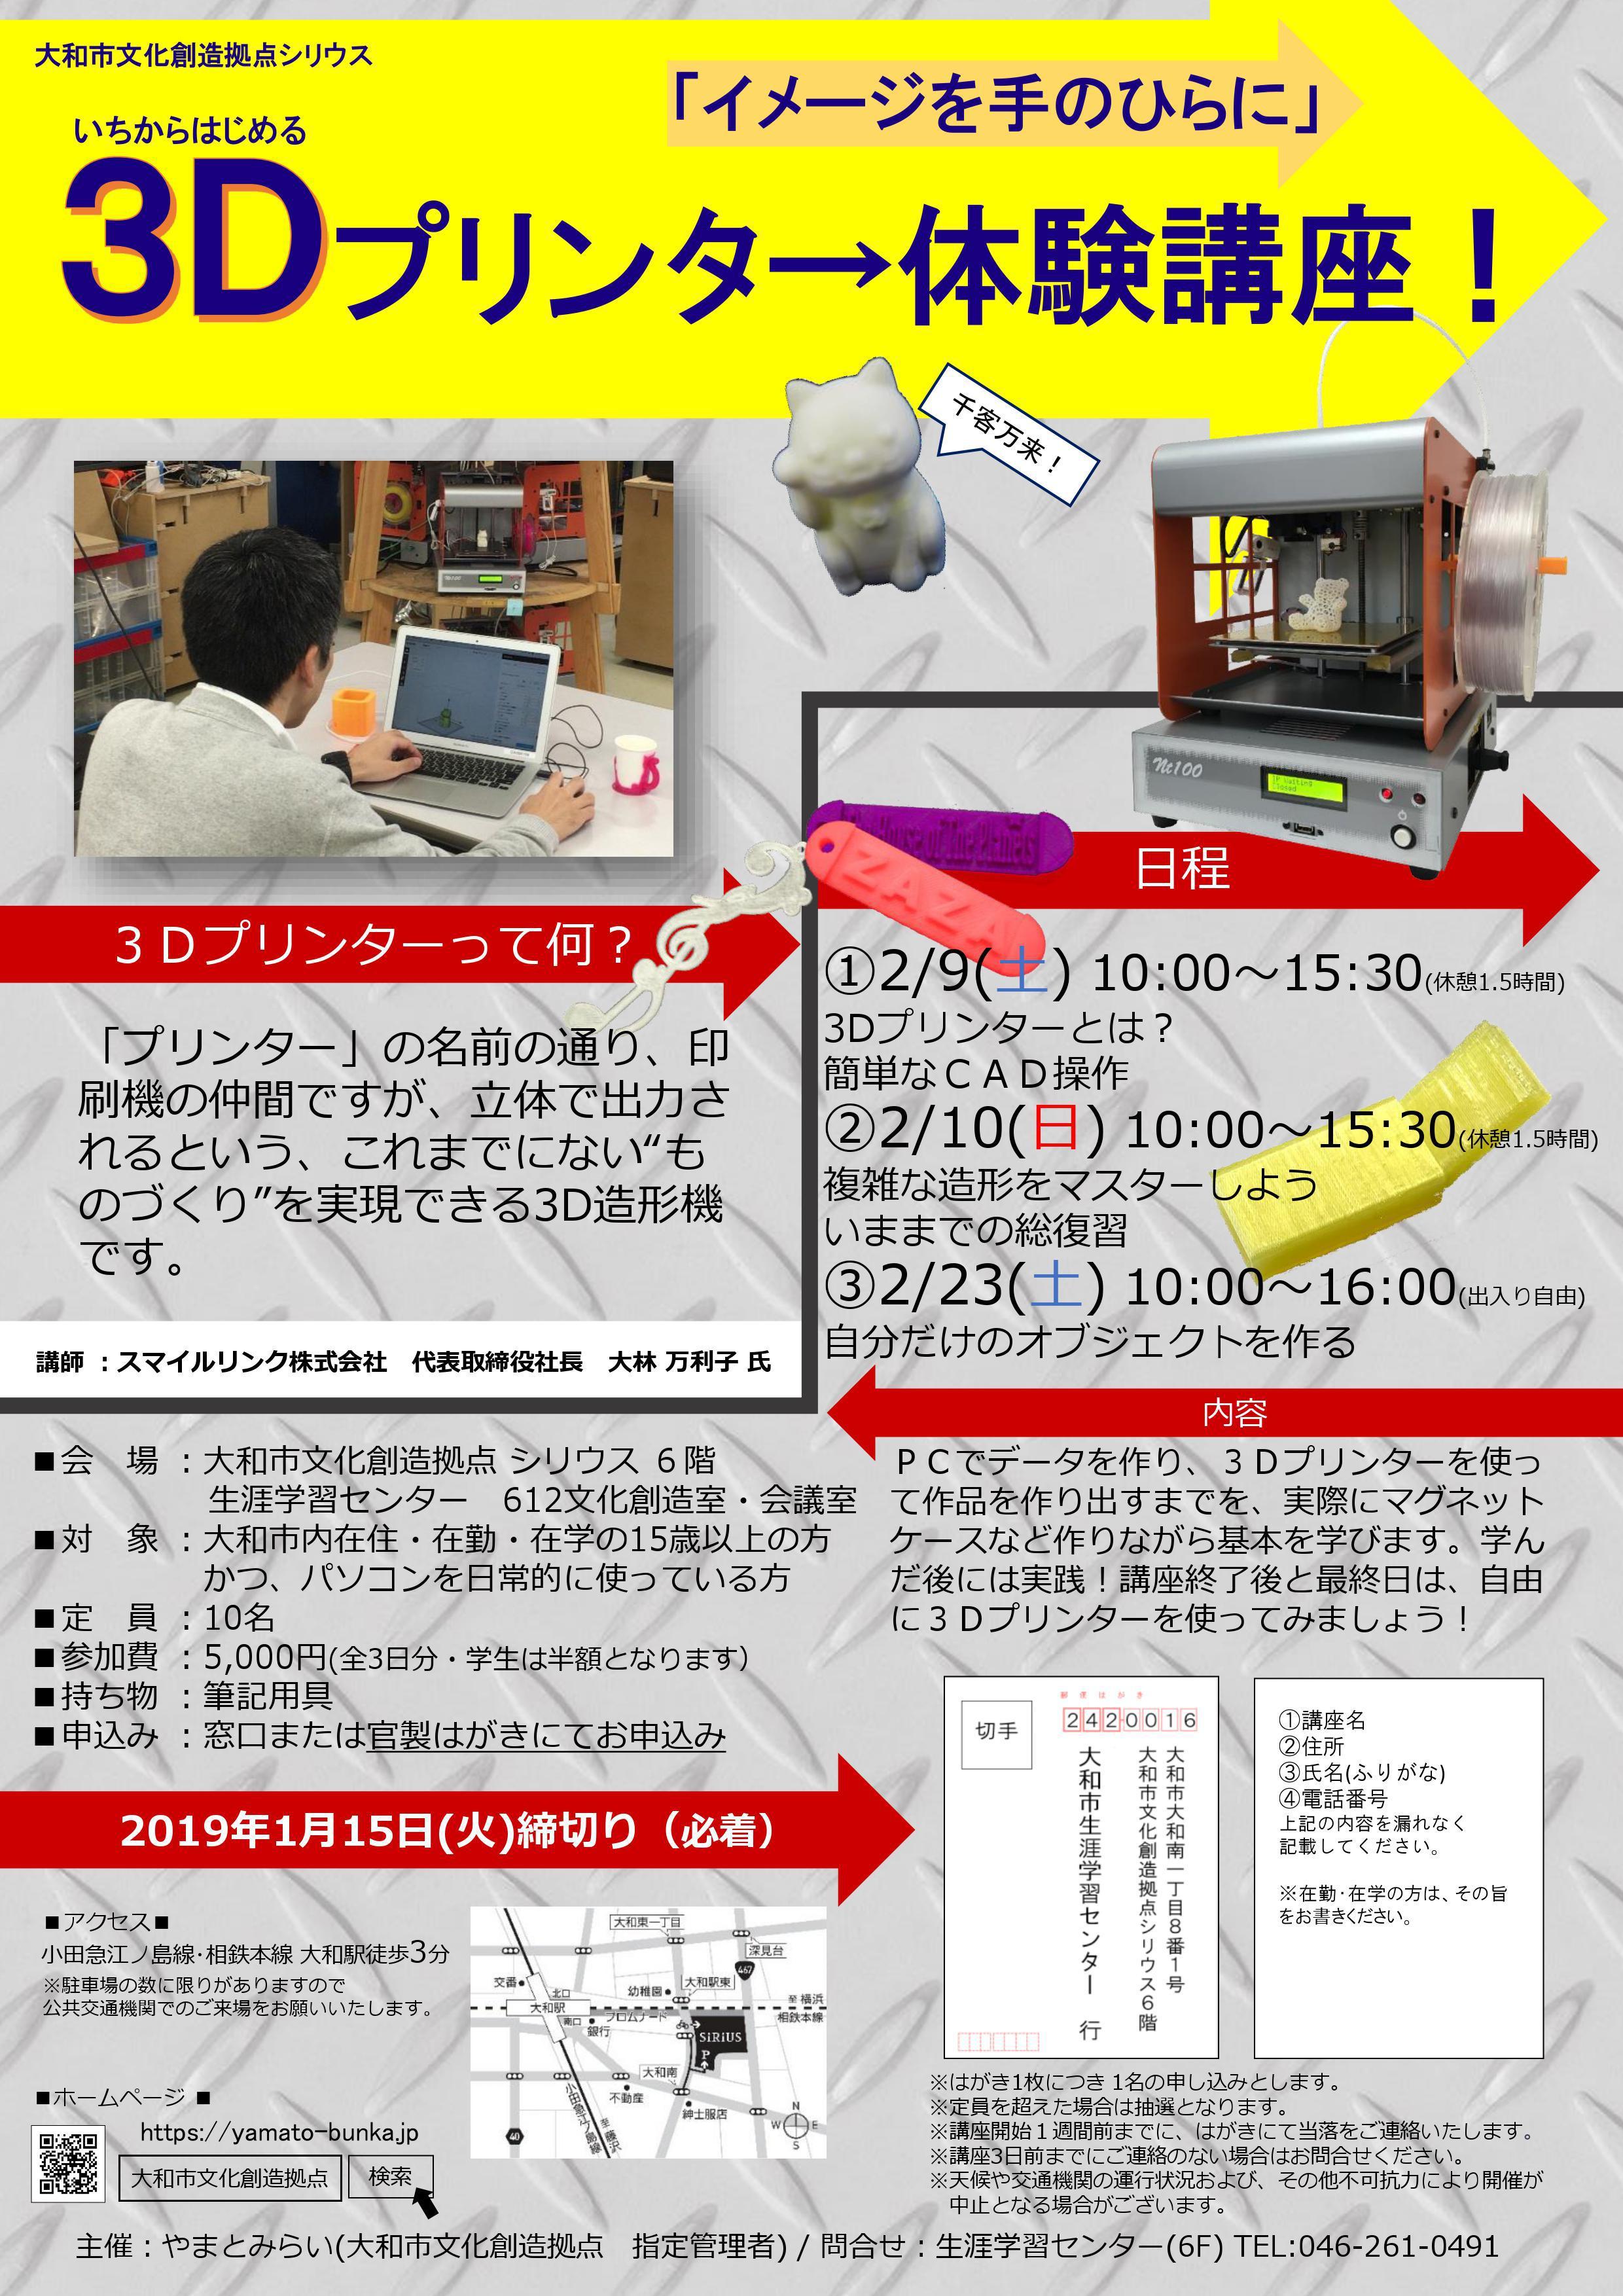 《募集終了》いちからはじめる3Dプリンター体験講座!